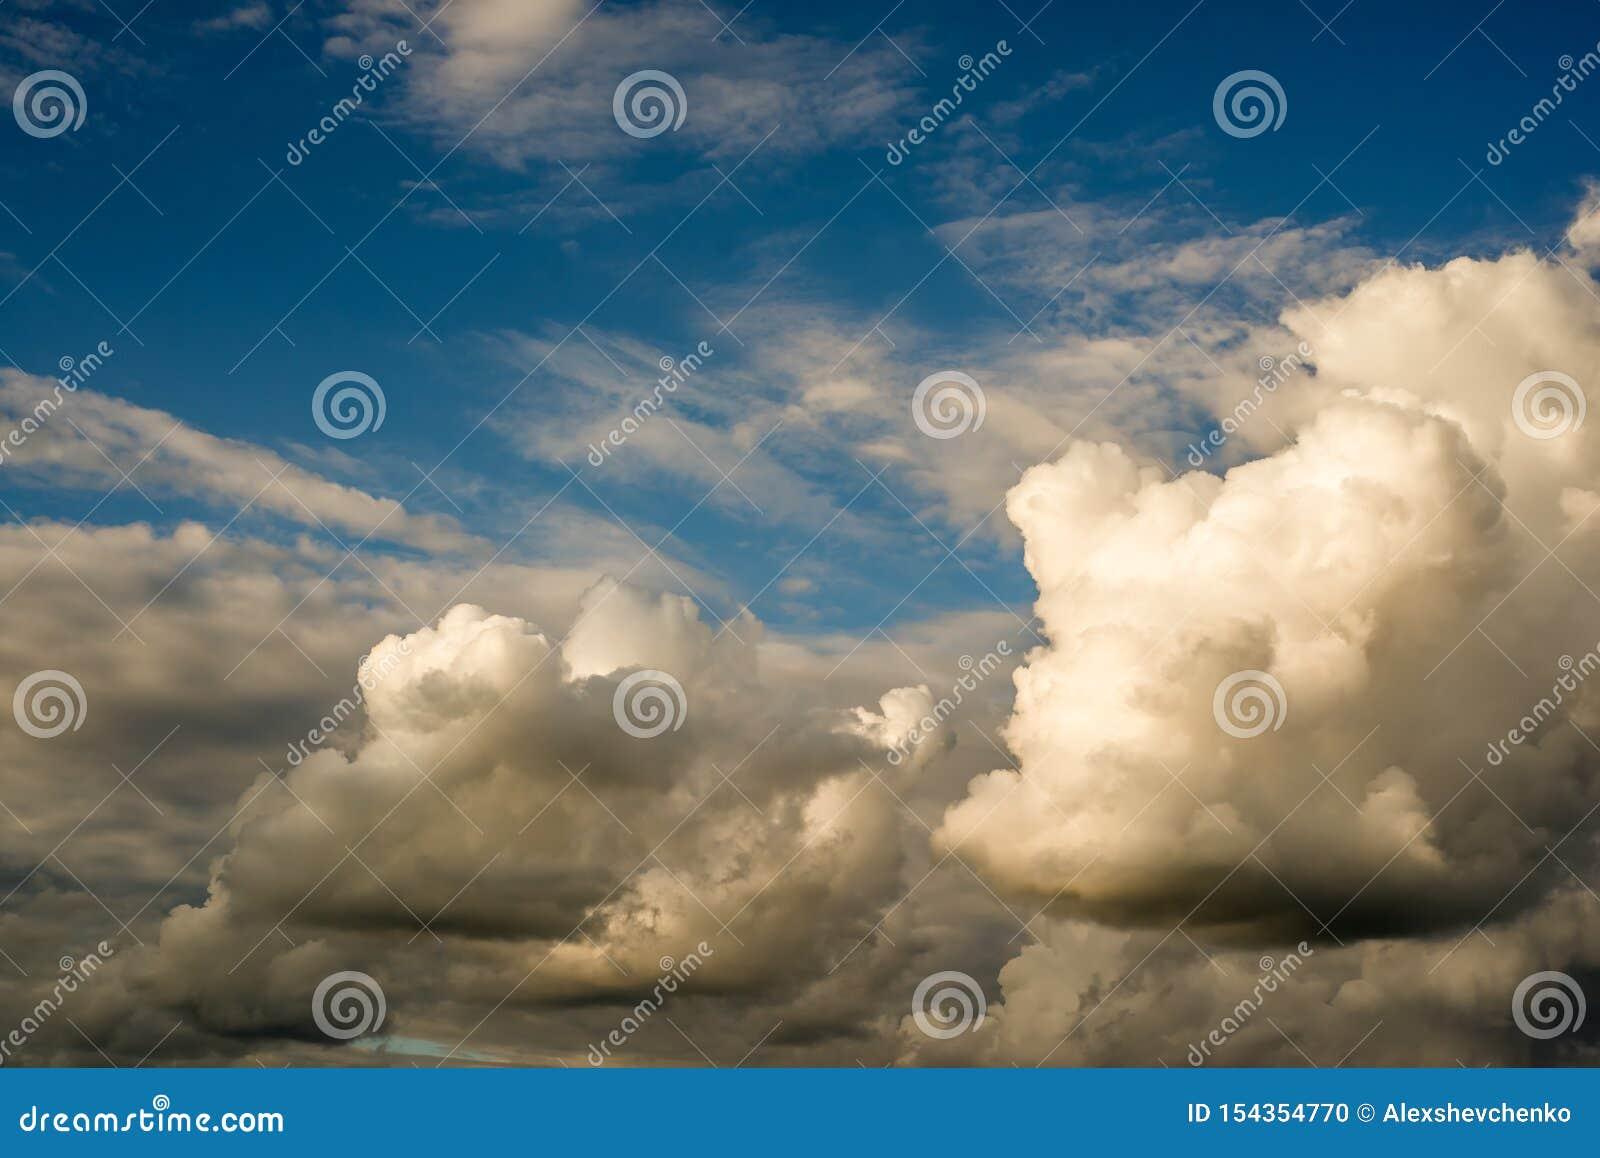 Nubes dramáticas textura, fondo abstracto